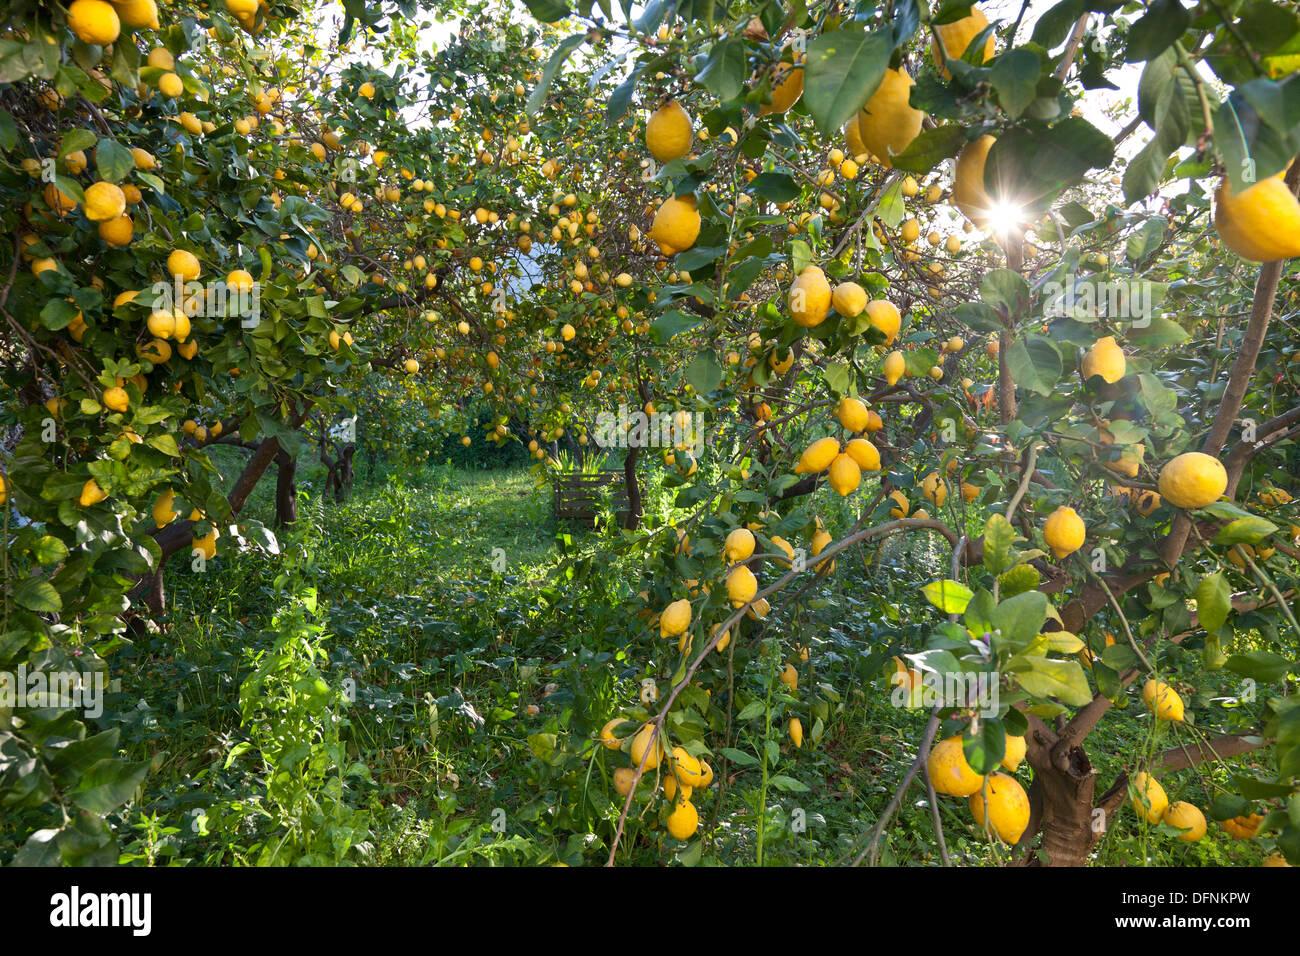 Lemon trees in a garden lemon grove citrus fruit for Lemon plant images